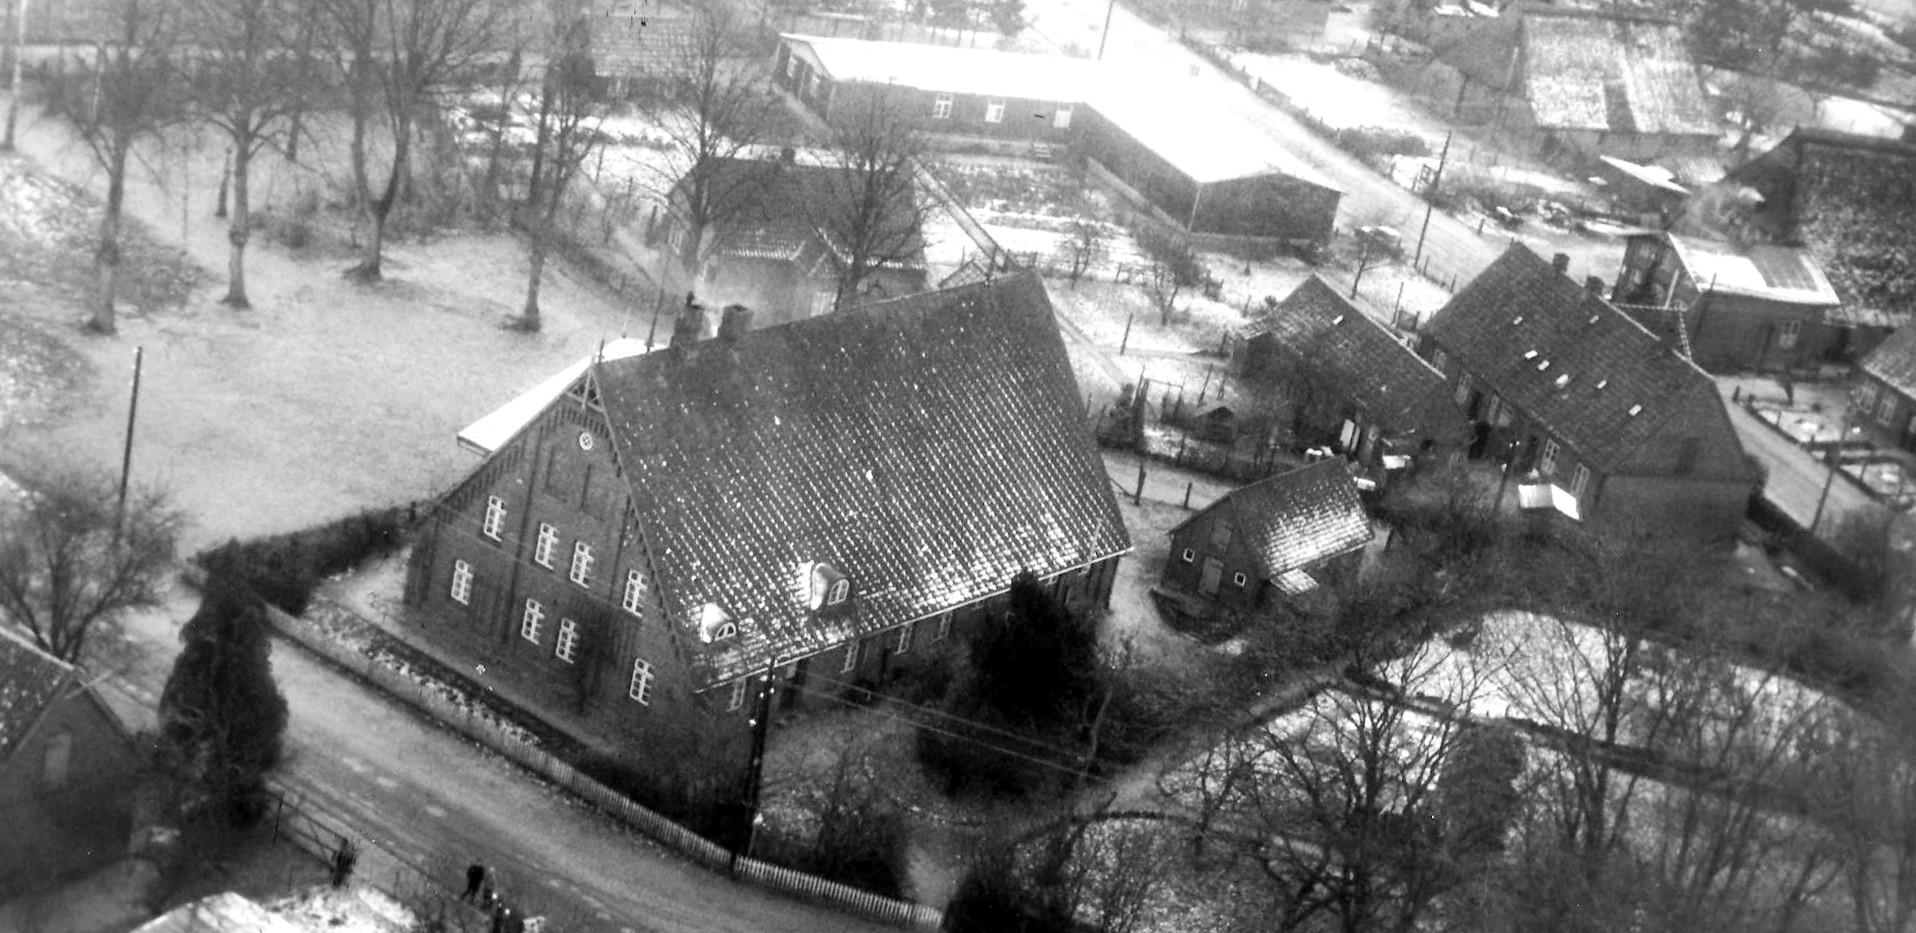 Luftaufnahme der alten Schule